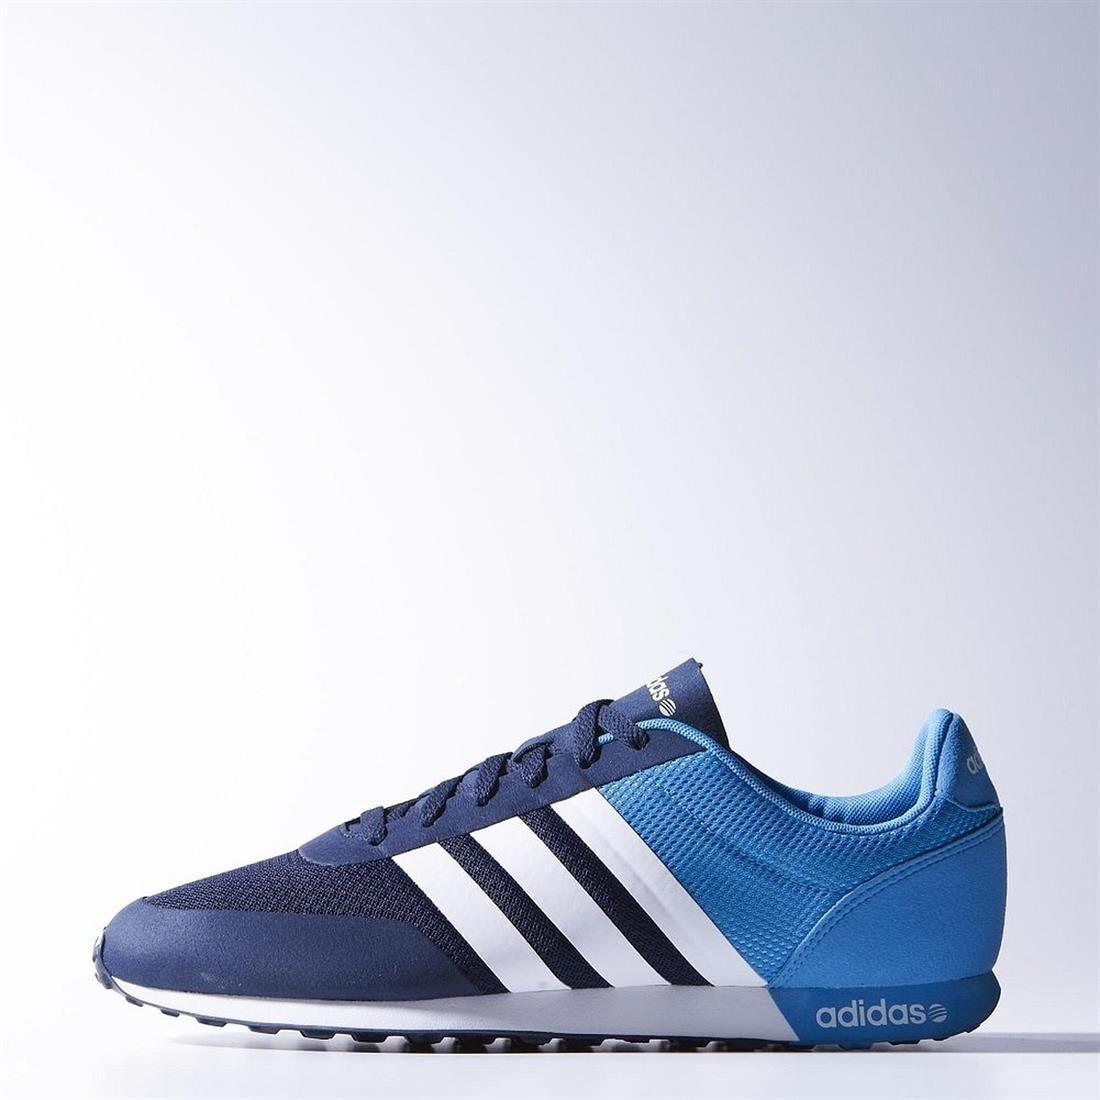 Adidas Neo ofertas azules